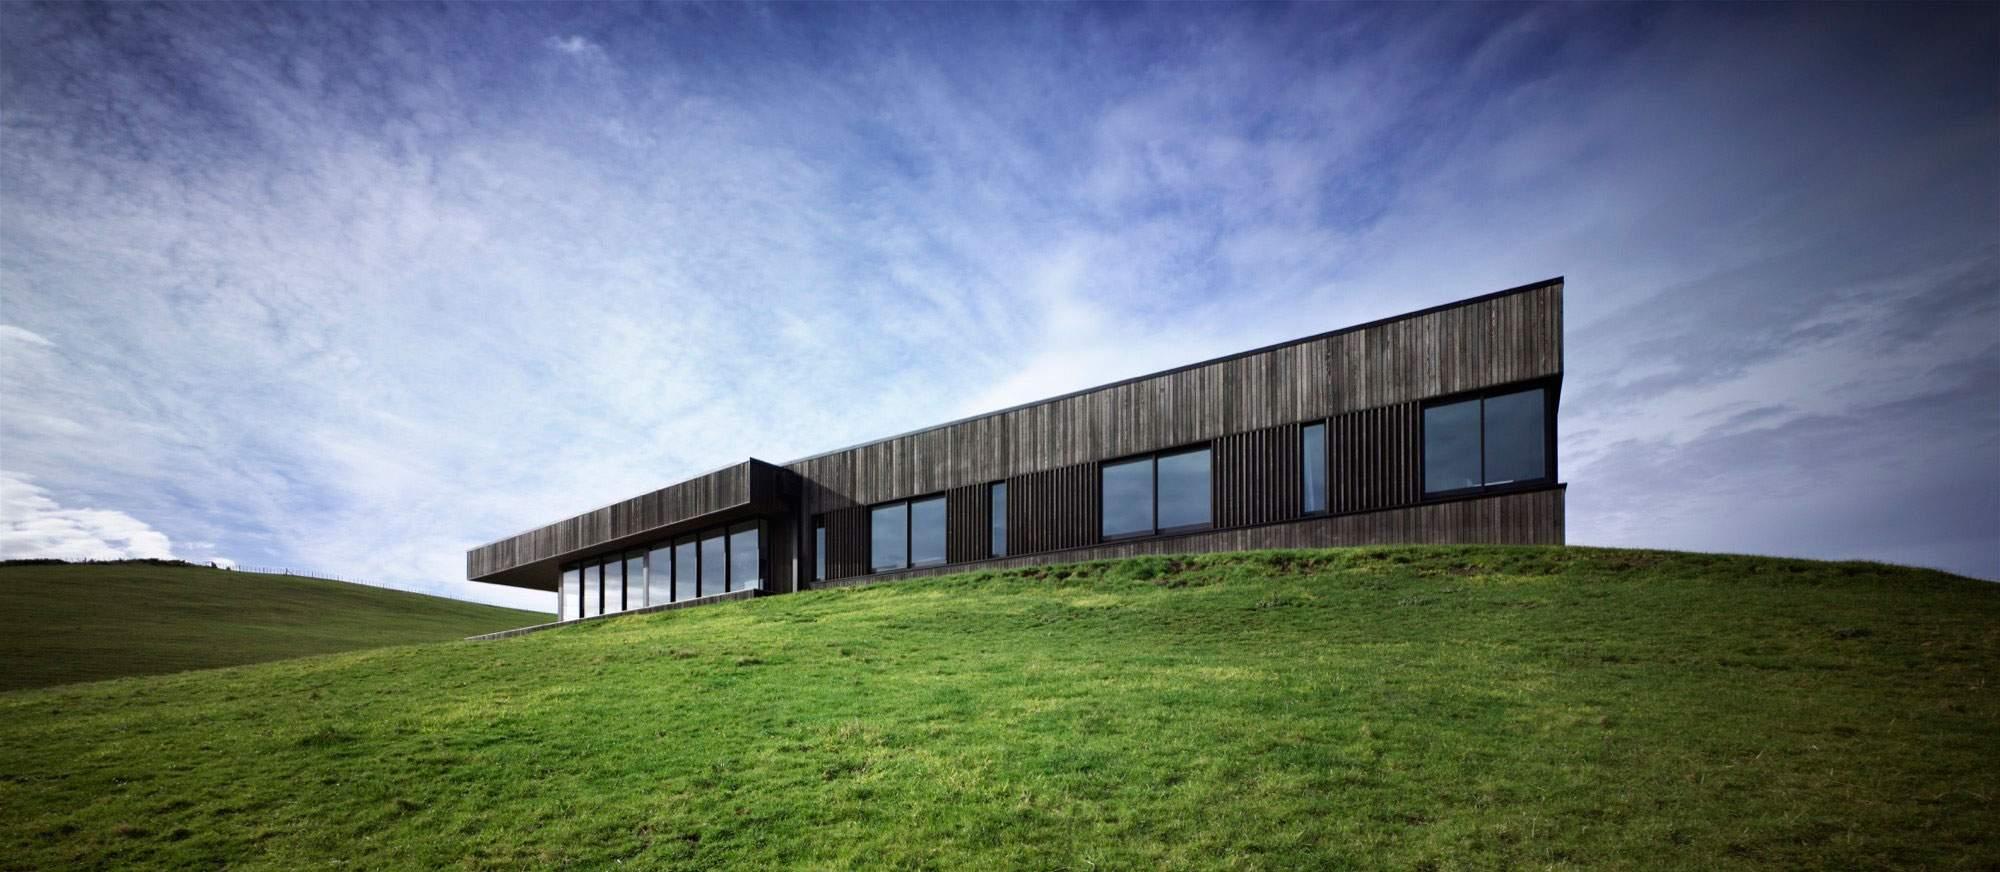 Современный фермерский дом в Новой Зеландии